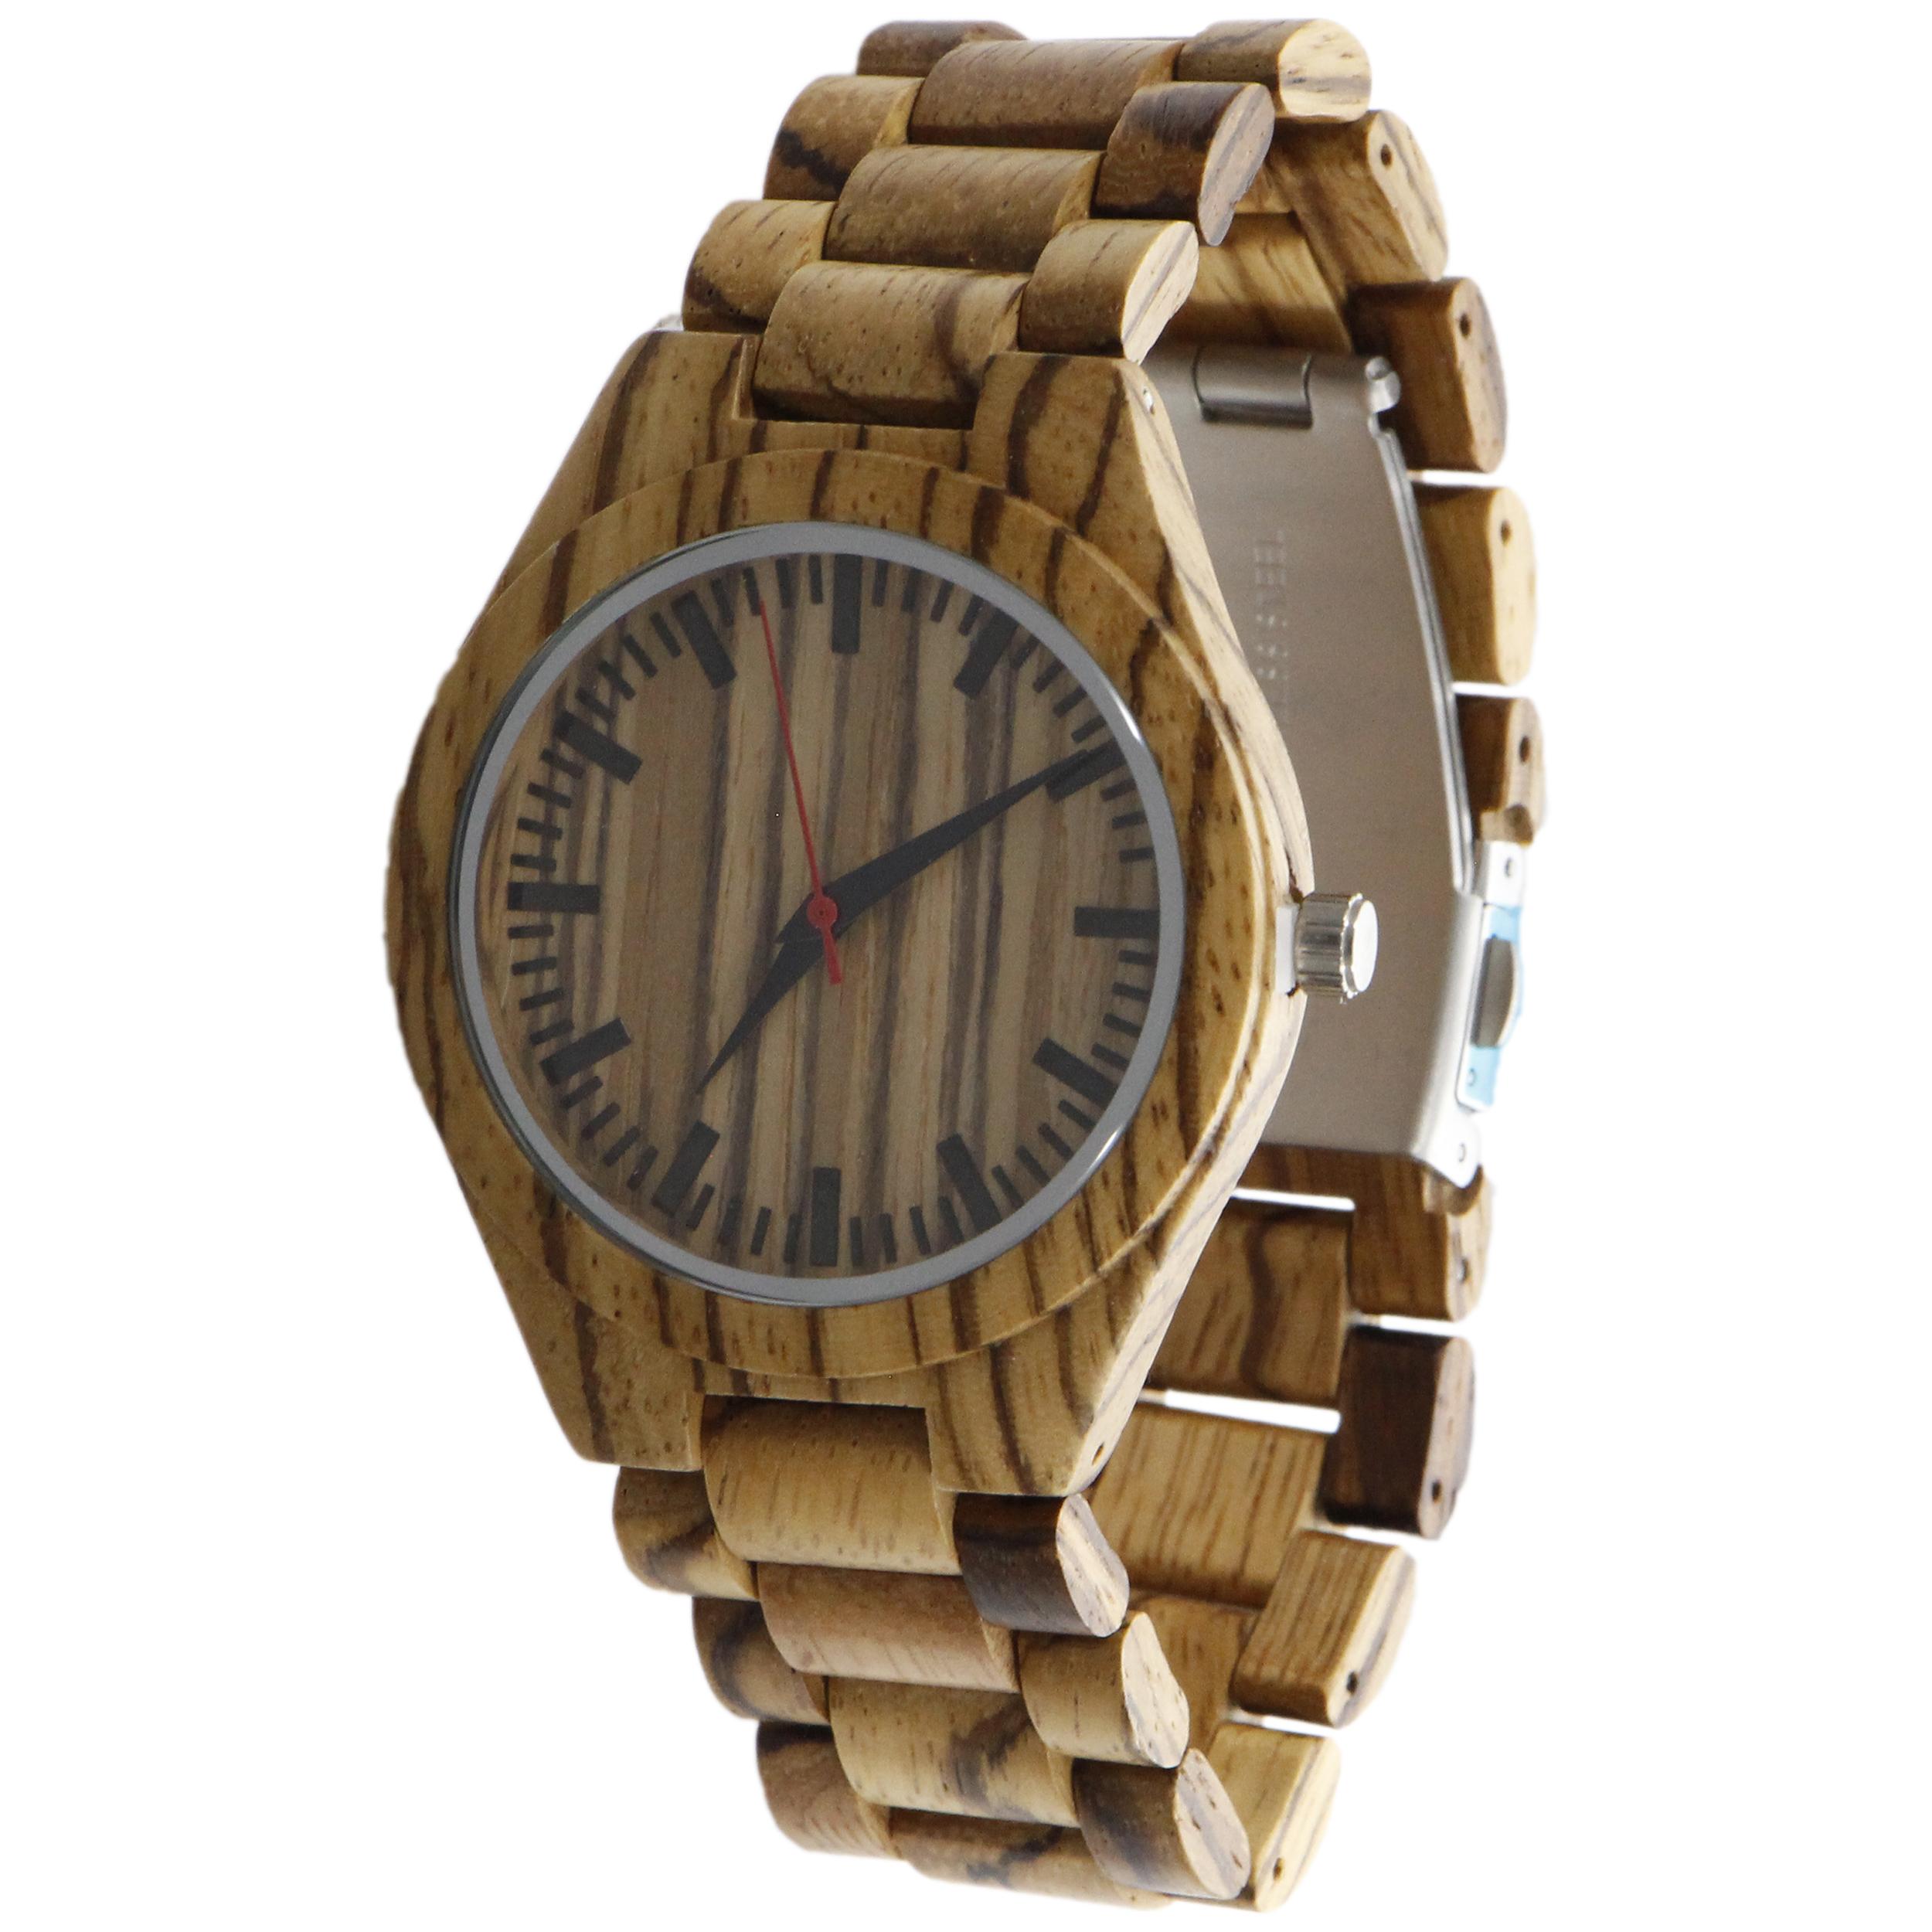 ساعت مچی چوبی عقربه ای - کد BMK22